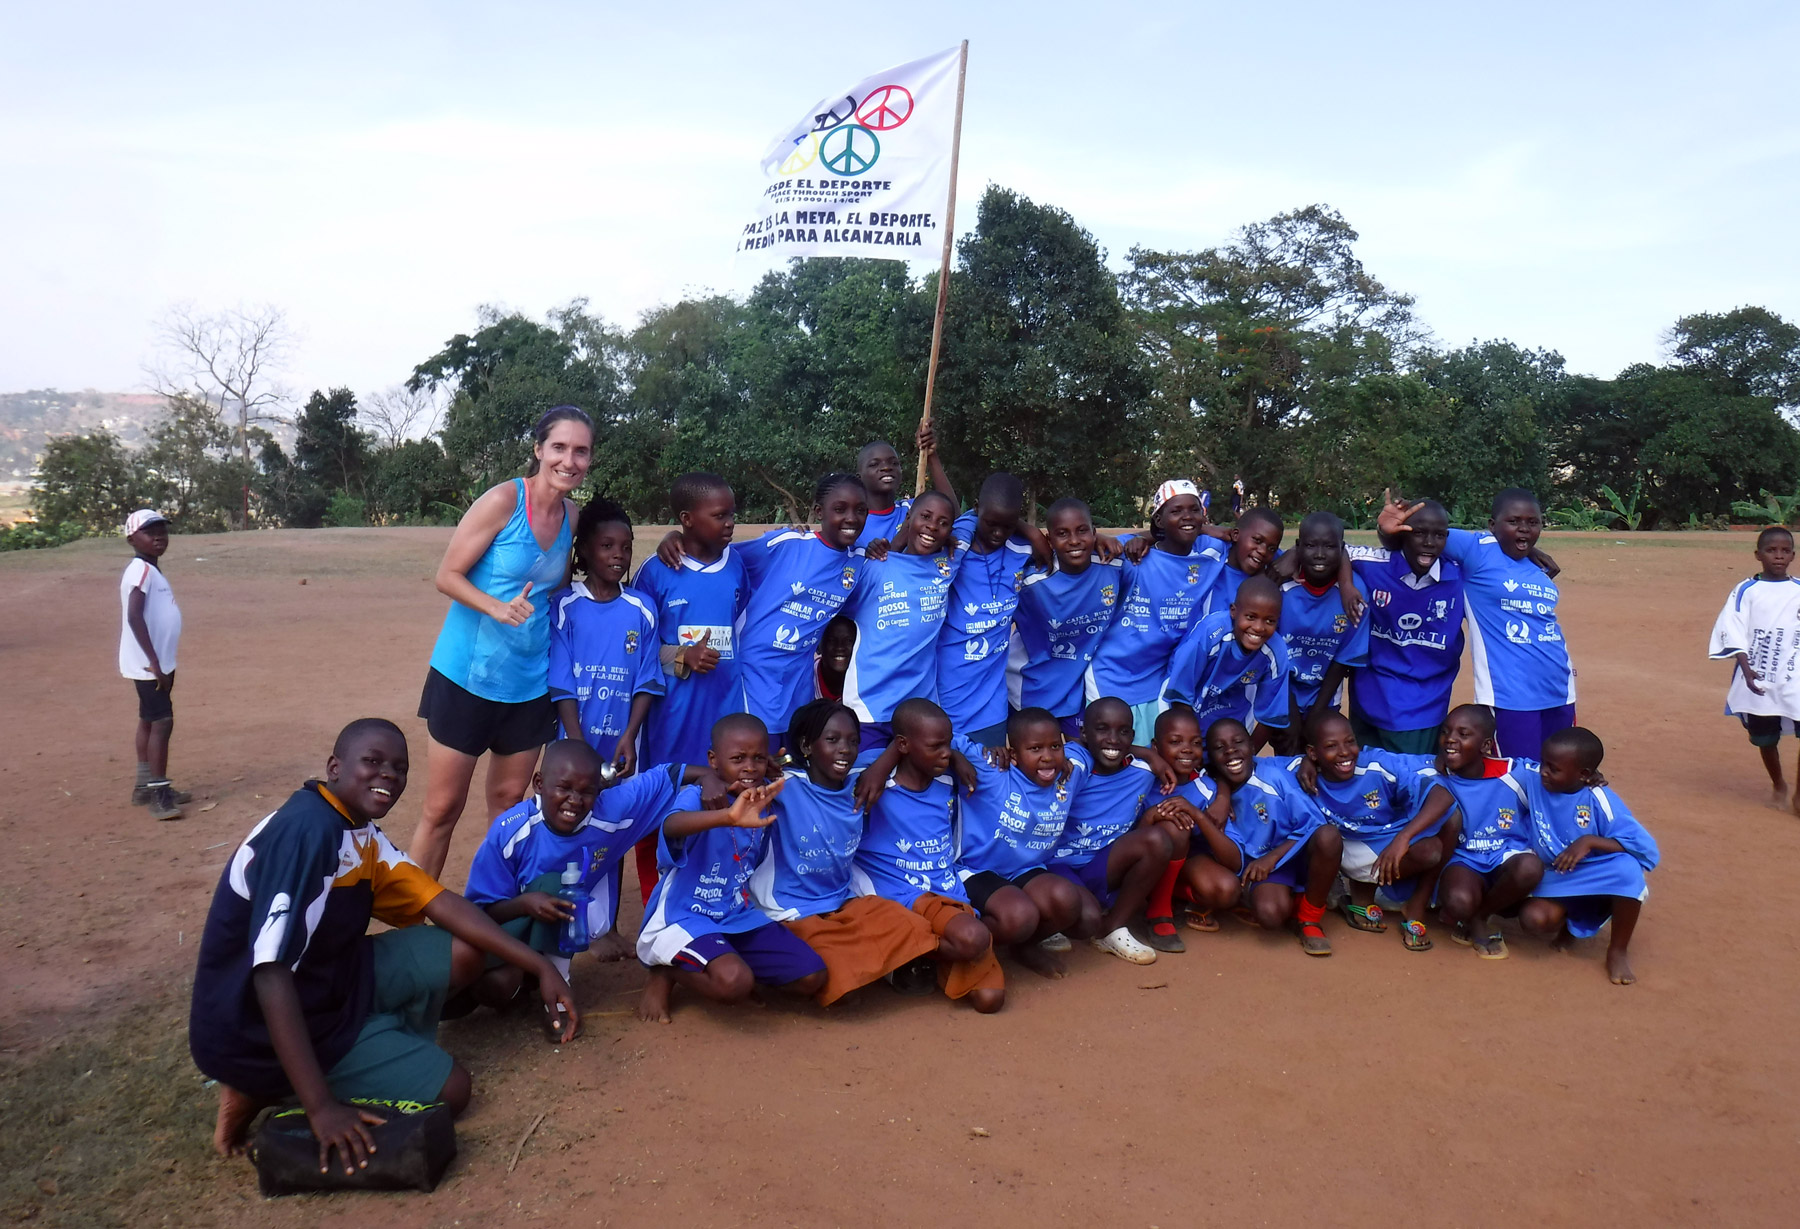 Patricia-Campos-Ejercito-Futbol-ONG-Uganda-Homofobia